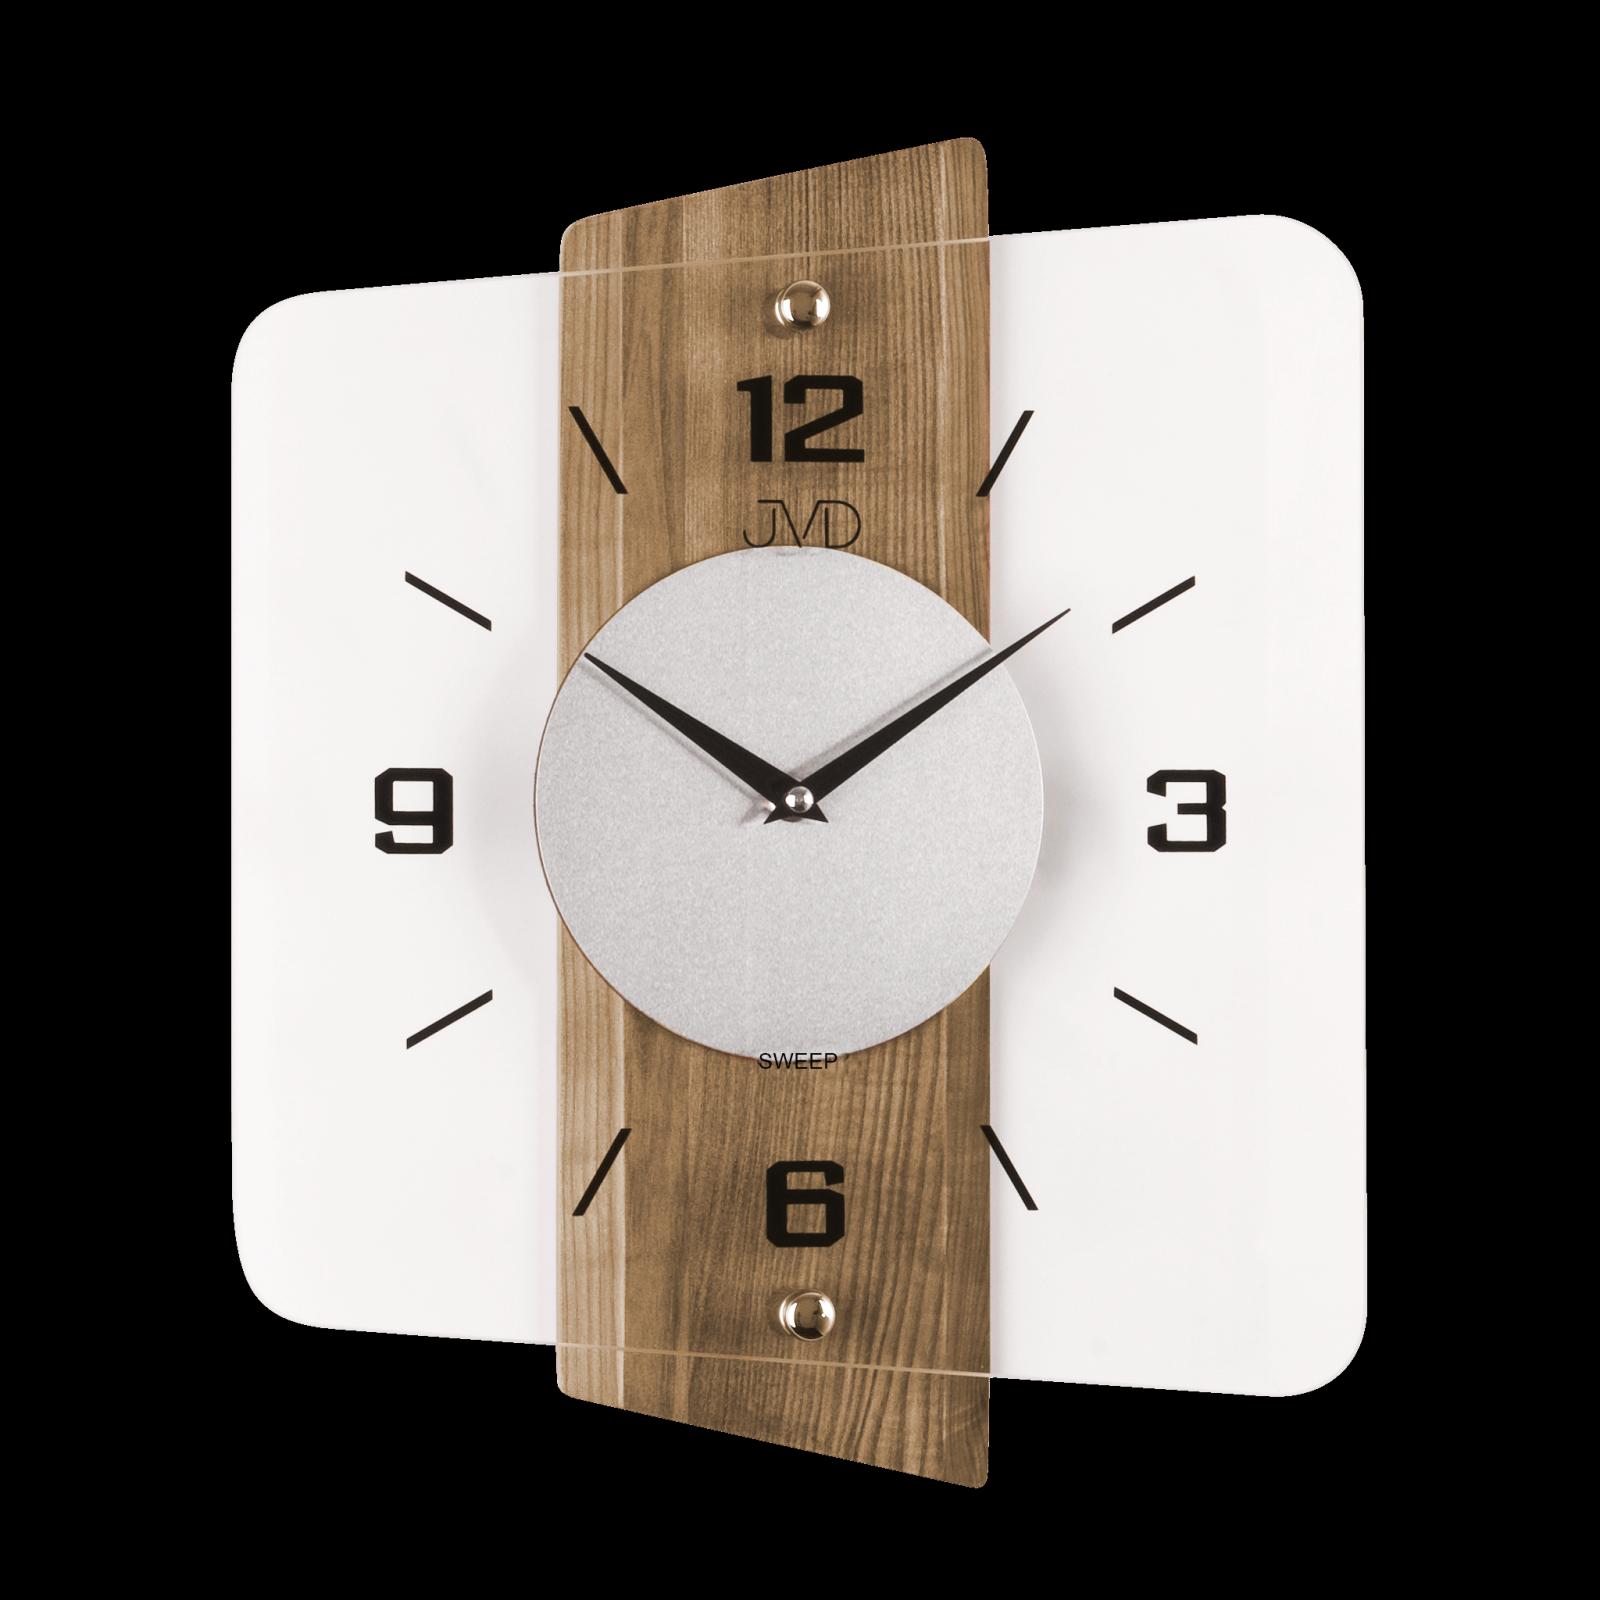 JVD Moderní skleněné a dřevěné nástěnné hodiny na zeď čtvercové designové hodiny n20131.78